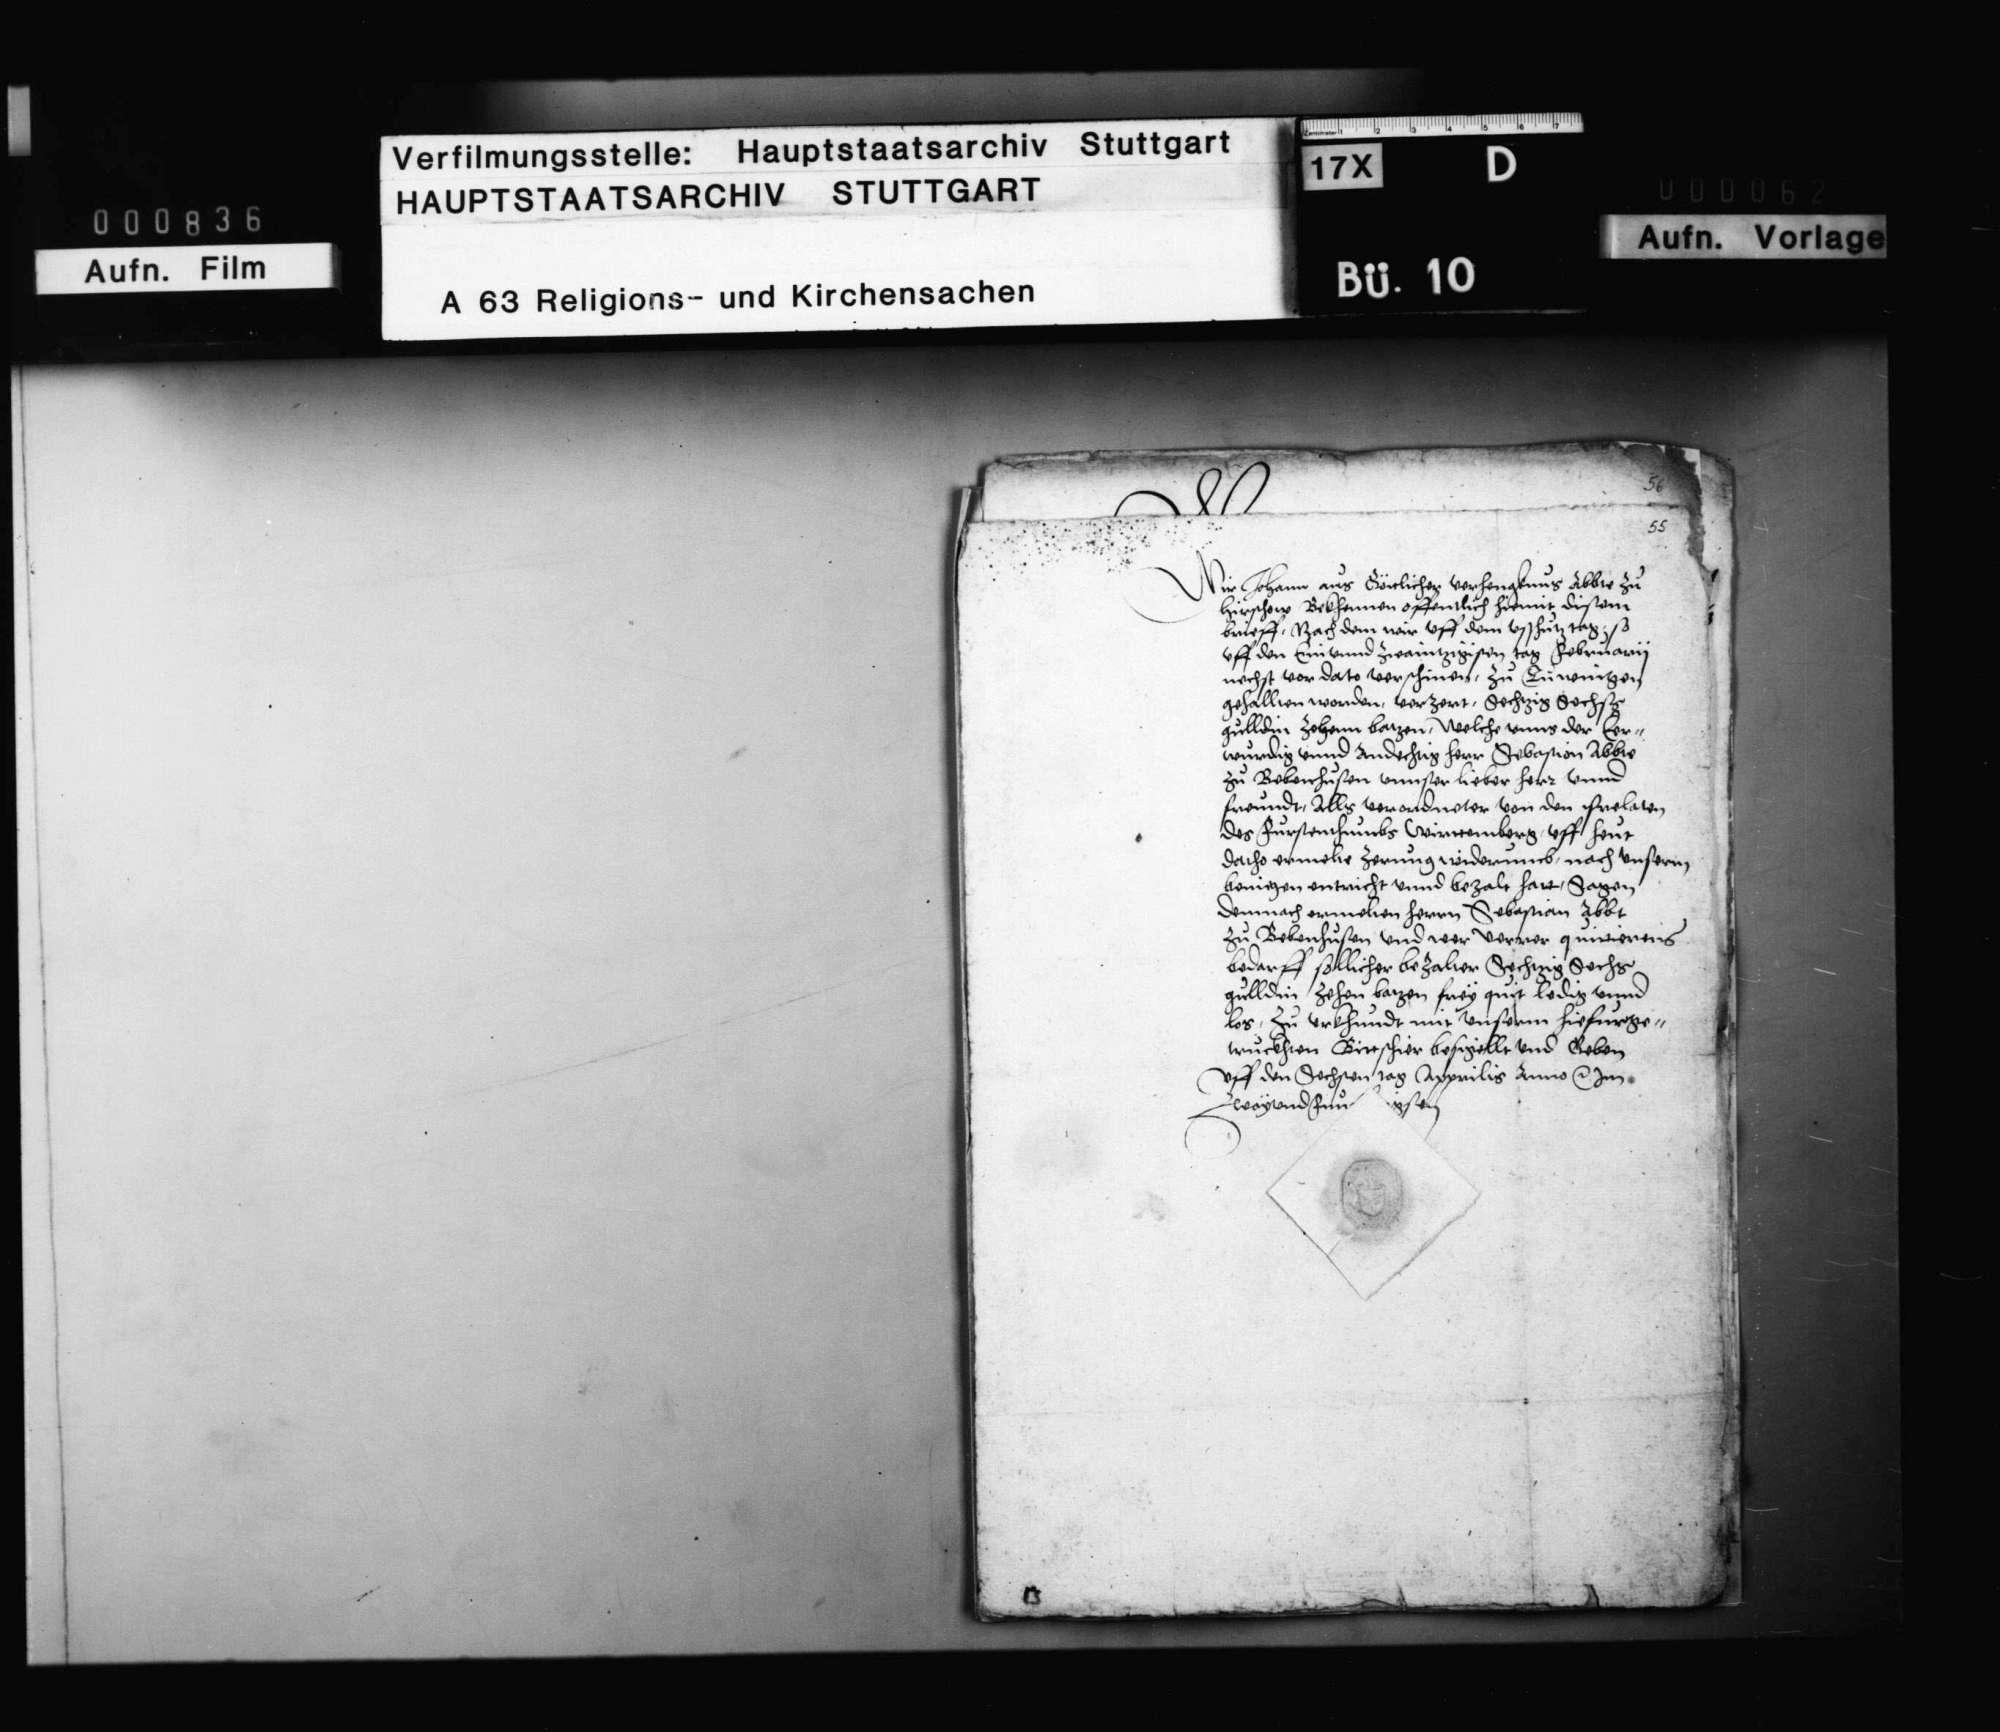 Quittungen der Äbte von Hirsau und Murrhardt über Zehrungsgelder beim Ausschusstag in Tübingen, ausbezahlt von Abt Sebastian Lutz von Bebenhausen als Verordneter der Prälaten des Fürstentums., Bild 1